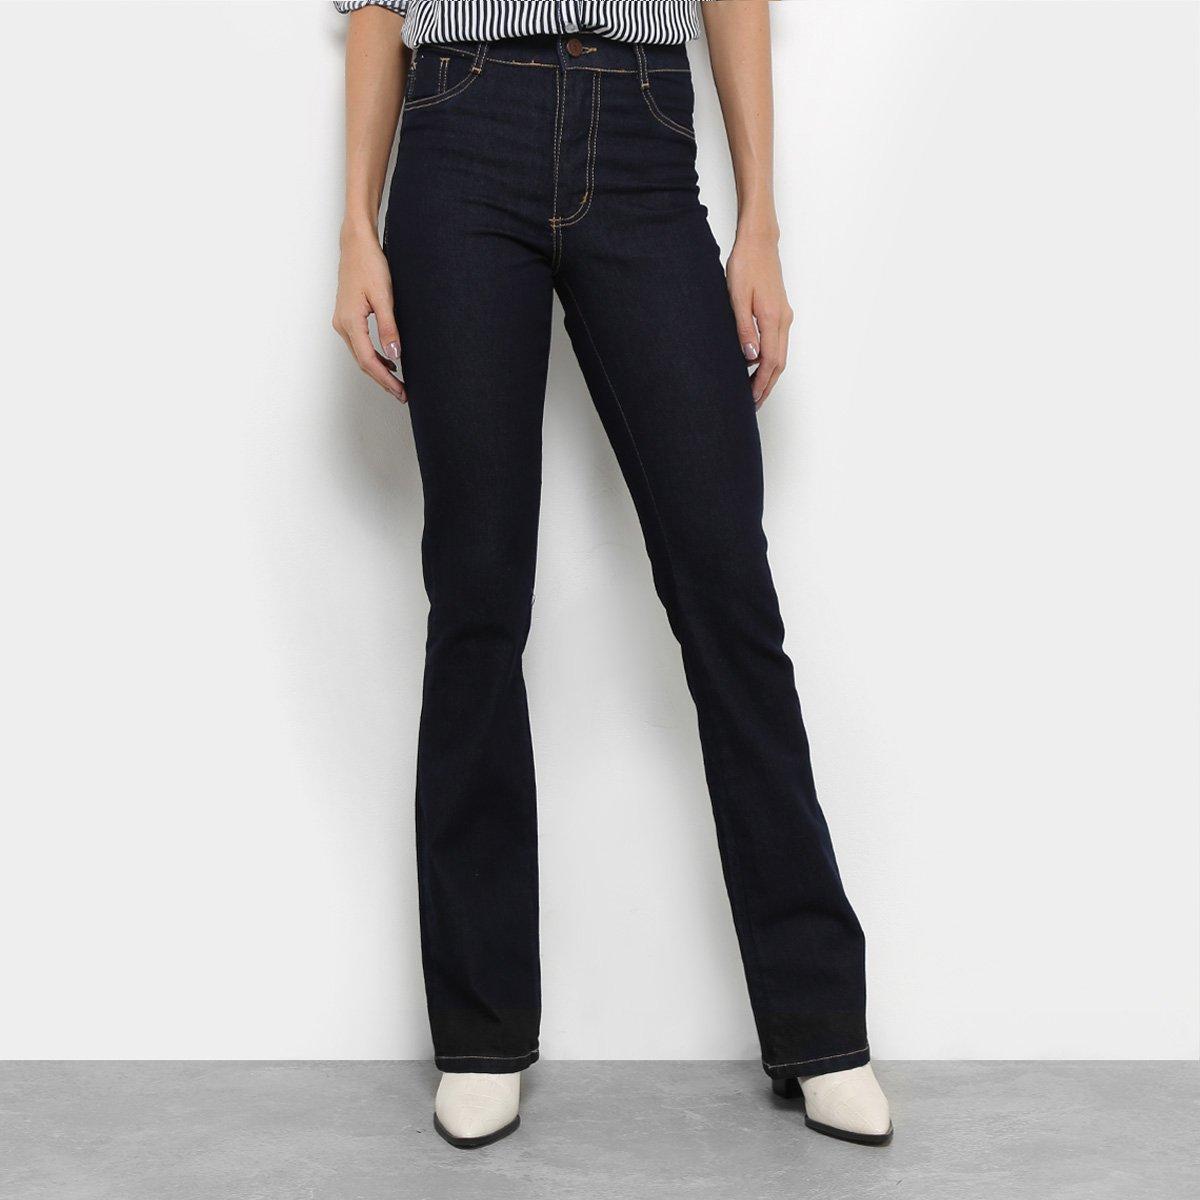 35298e50c Calça Jeans Flare Sawary Lavagem Escura Cintura Média Feminina - Compre  Agora | Netshoes